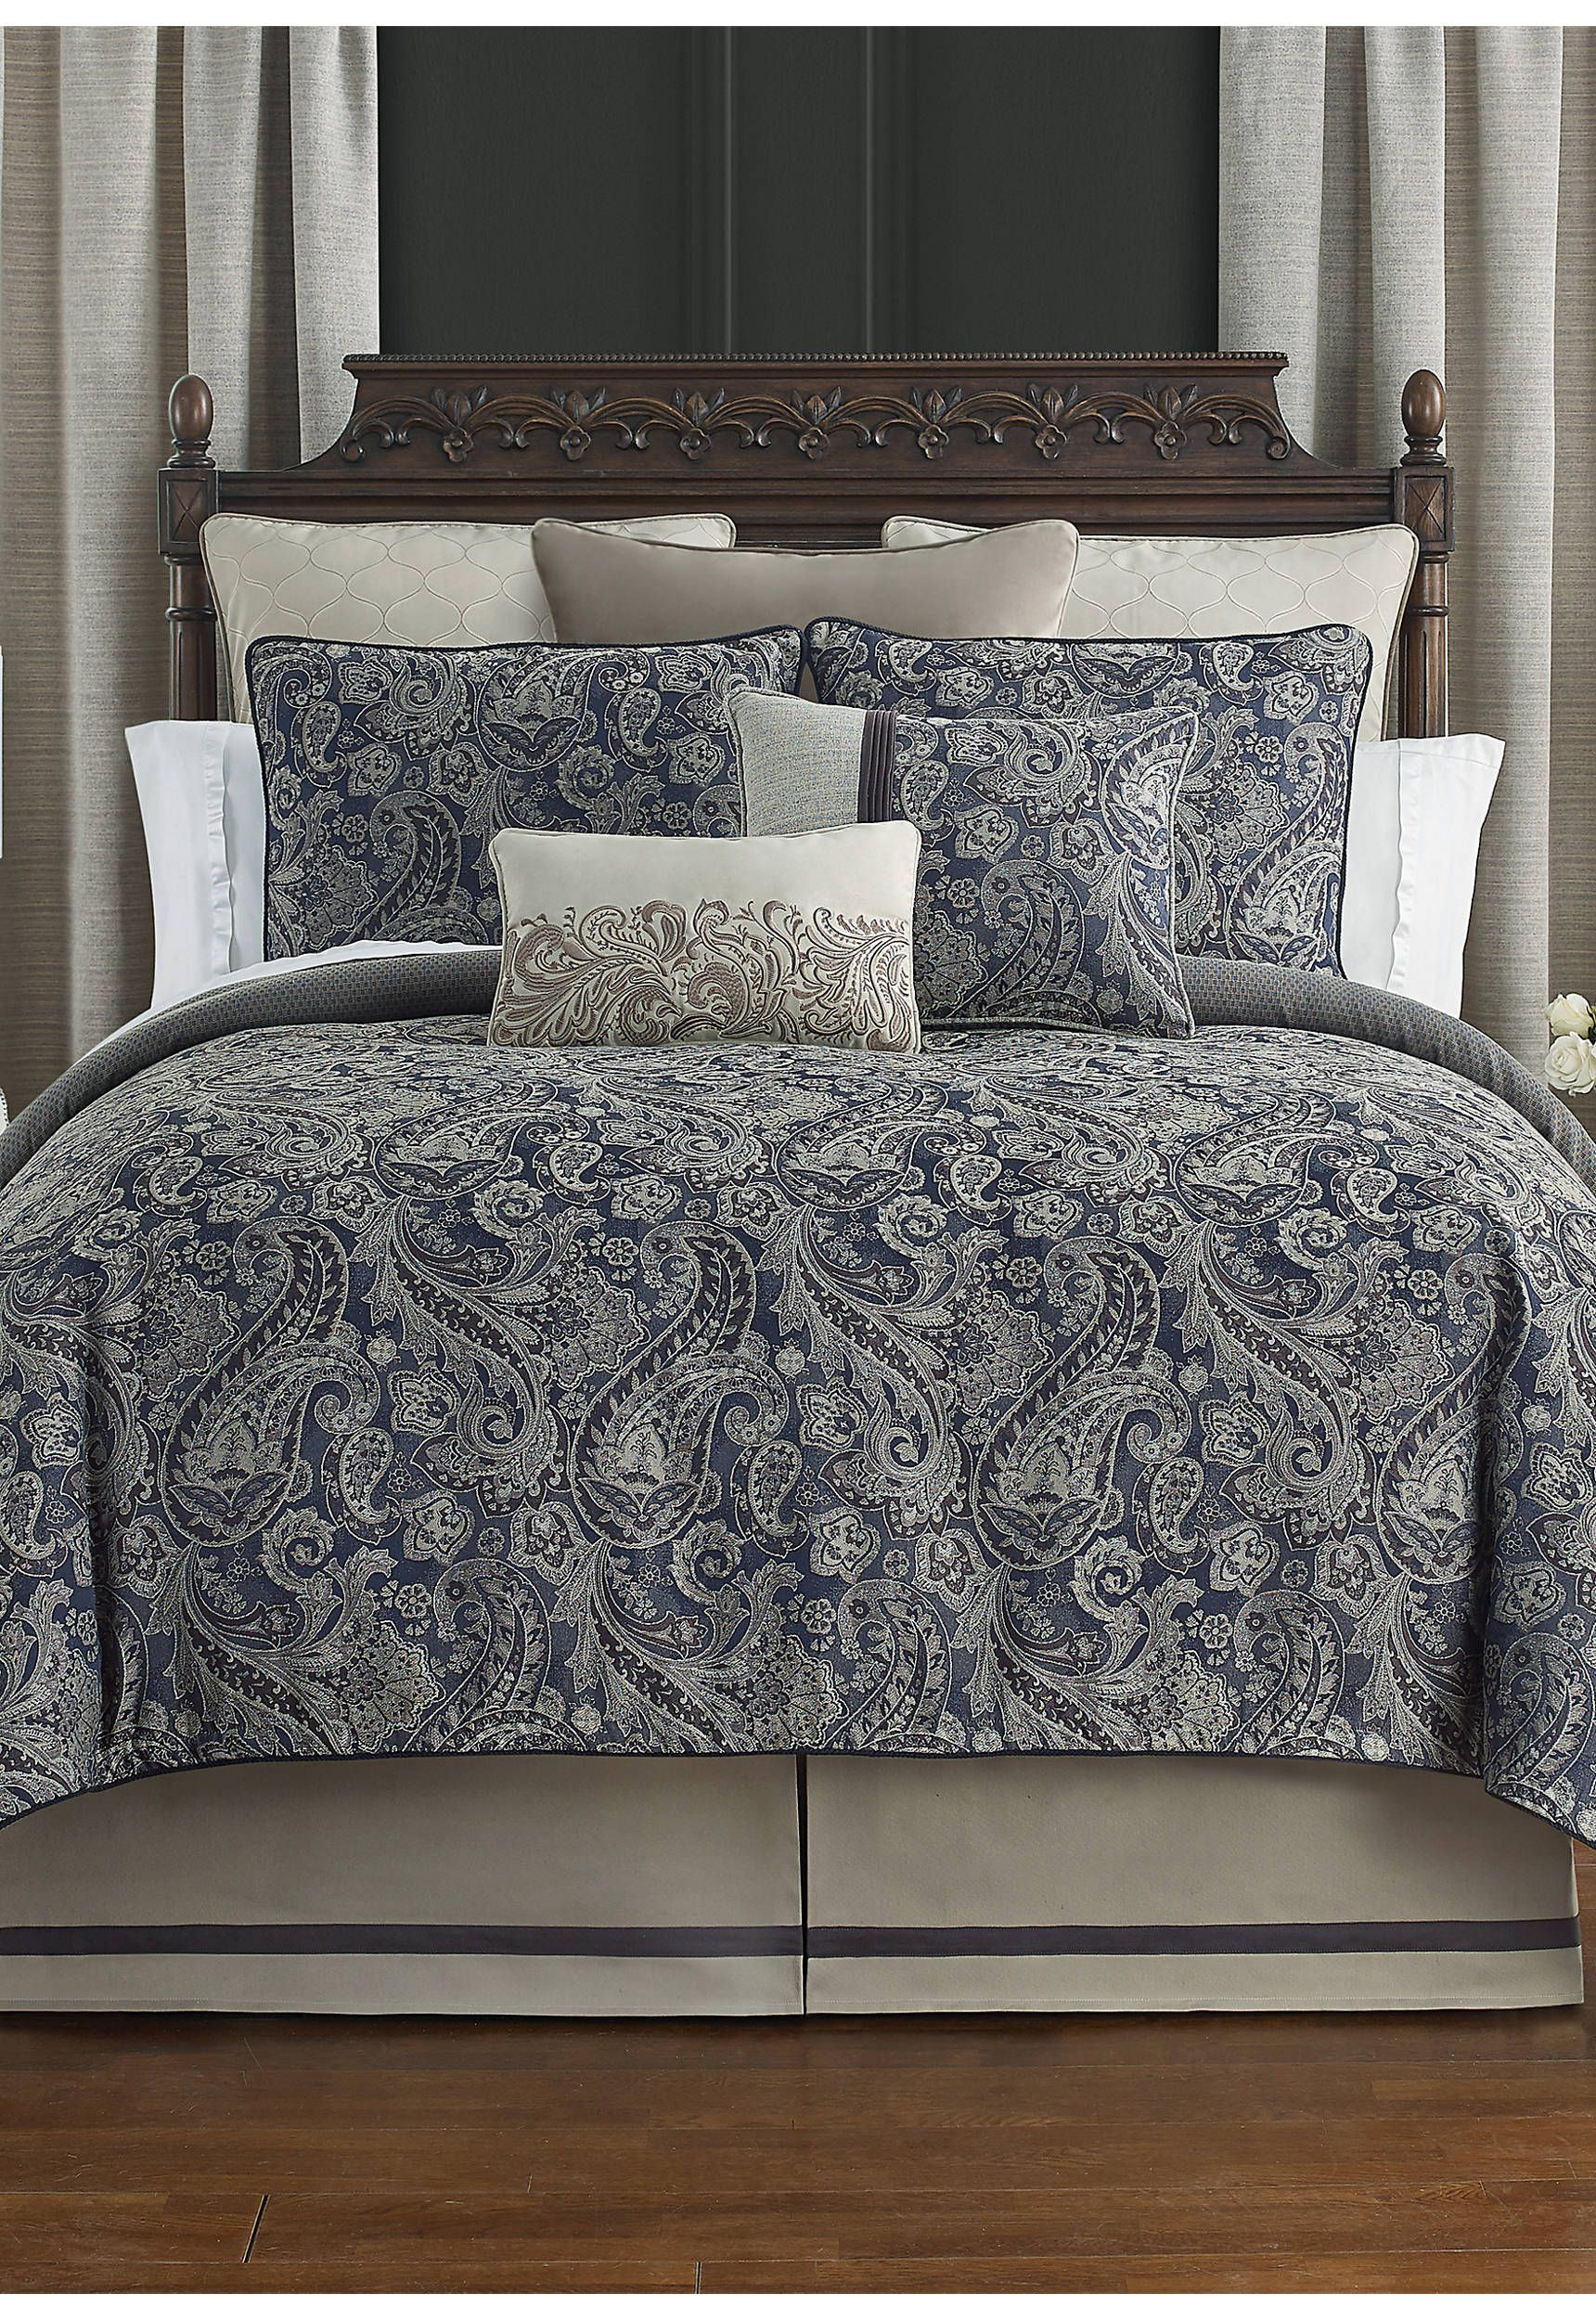 4 Piece Danehill Reversible Comforter Set in 2020